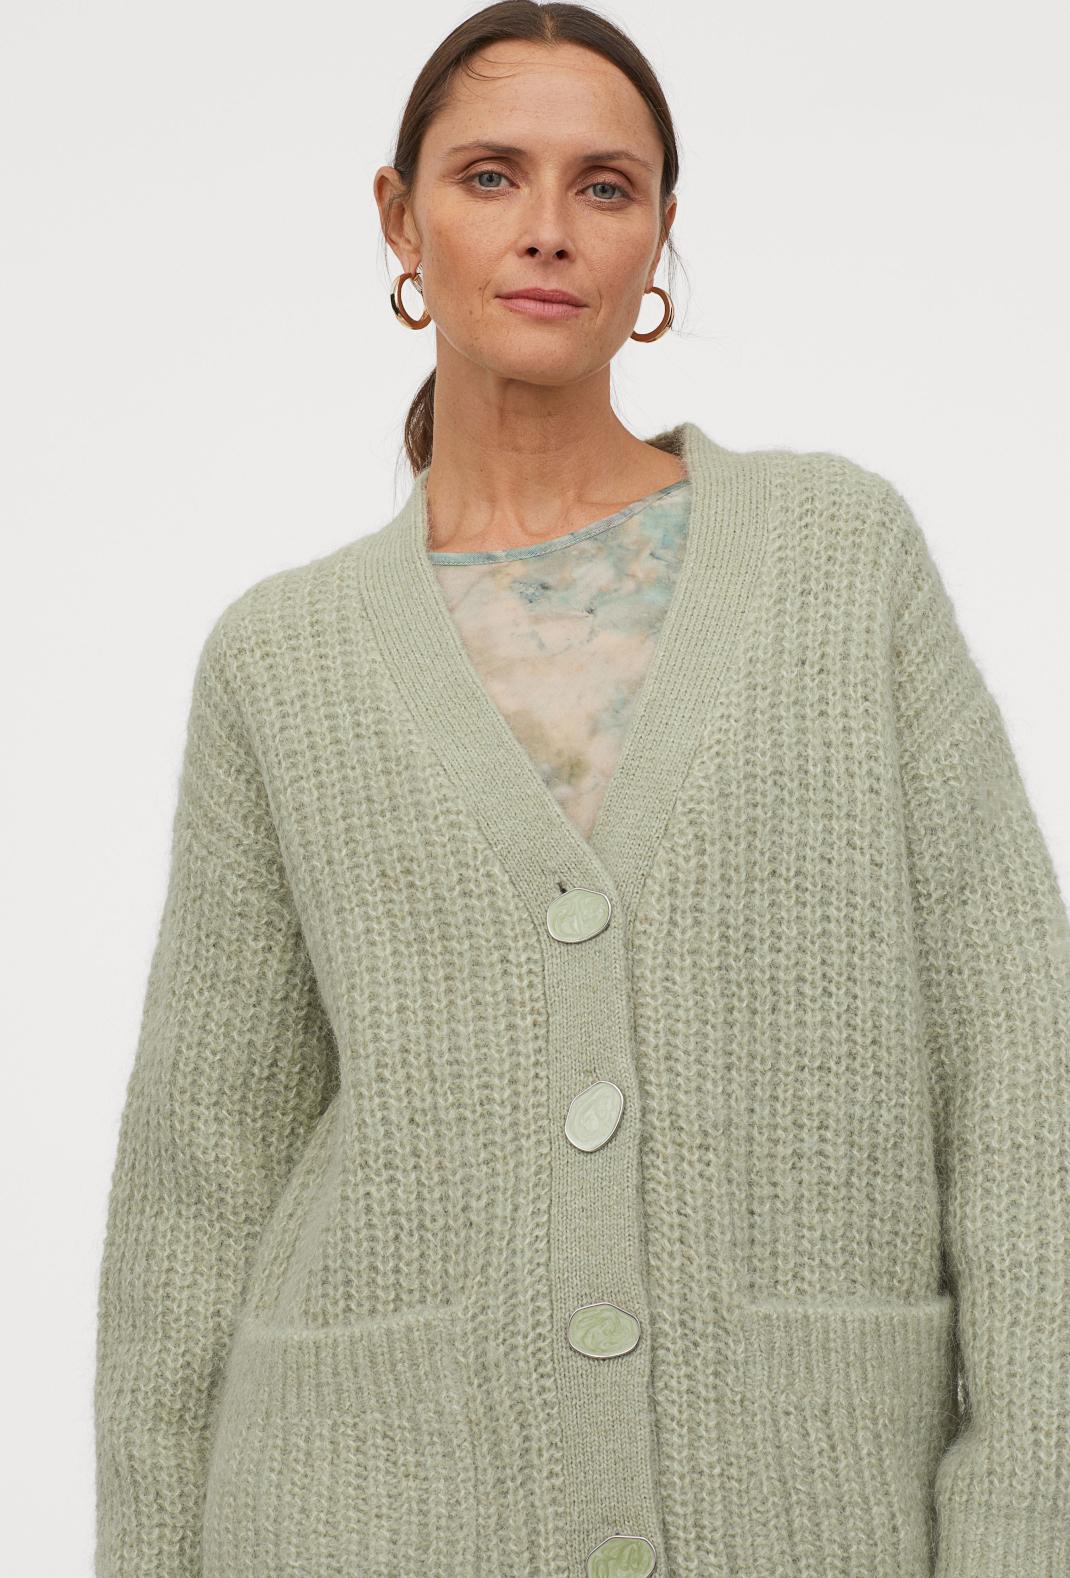 γυναίκα με μάλλινη ζακέτα H&M